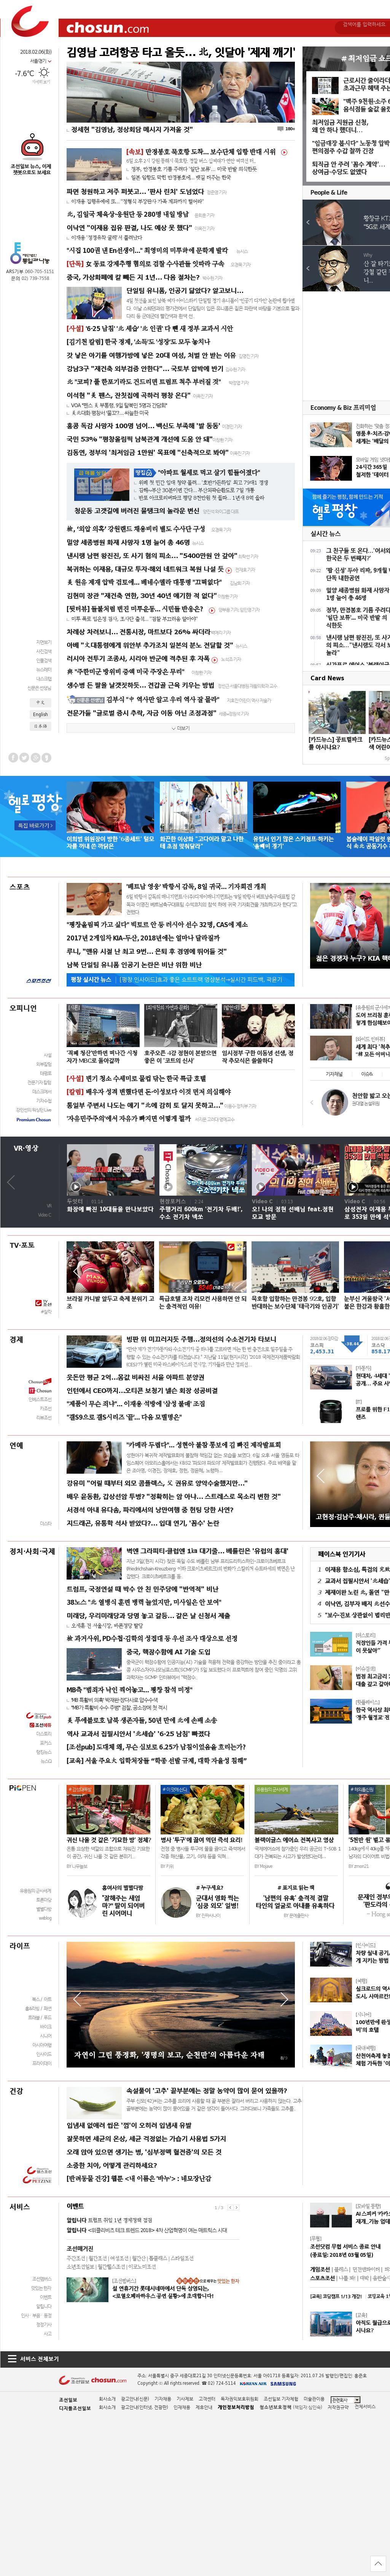 chosun.com at Tuesday Feb. 6, 2018, 10:02 a.m. UTC